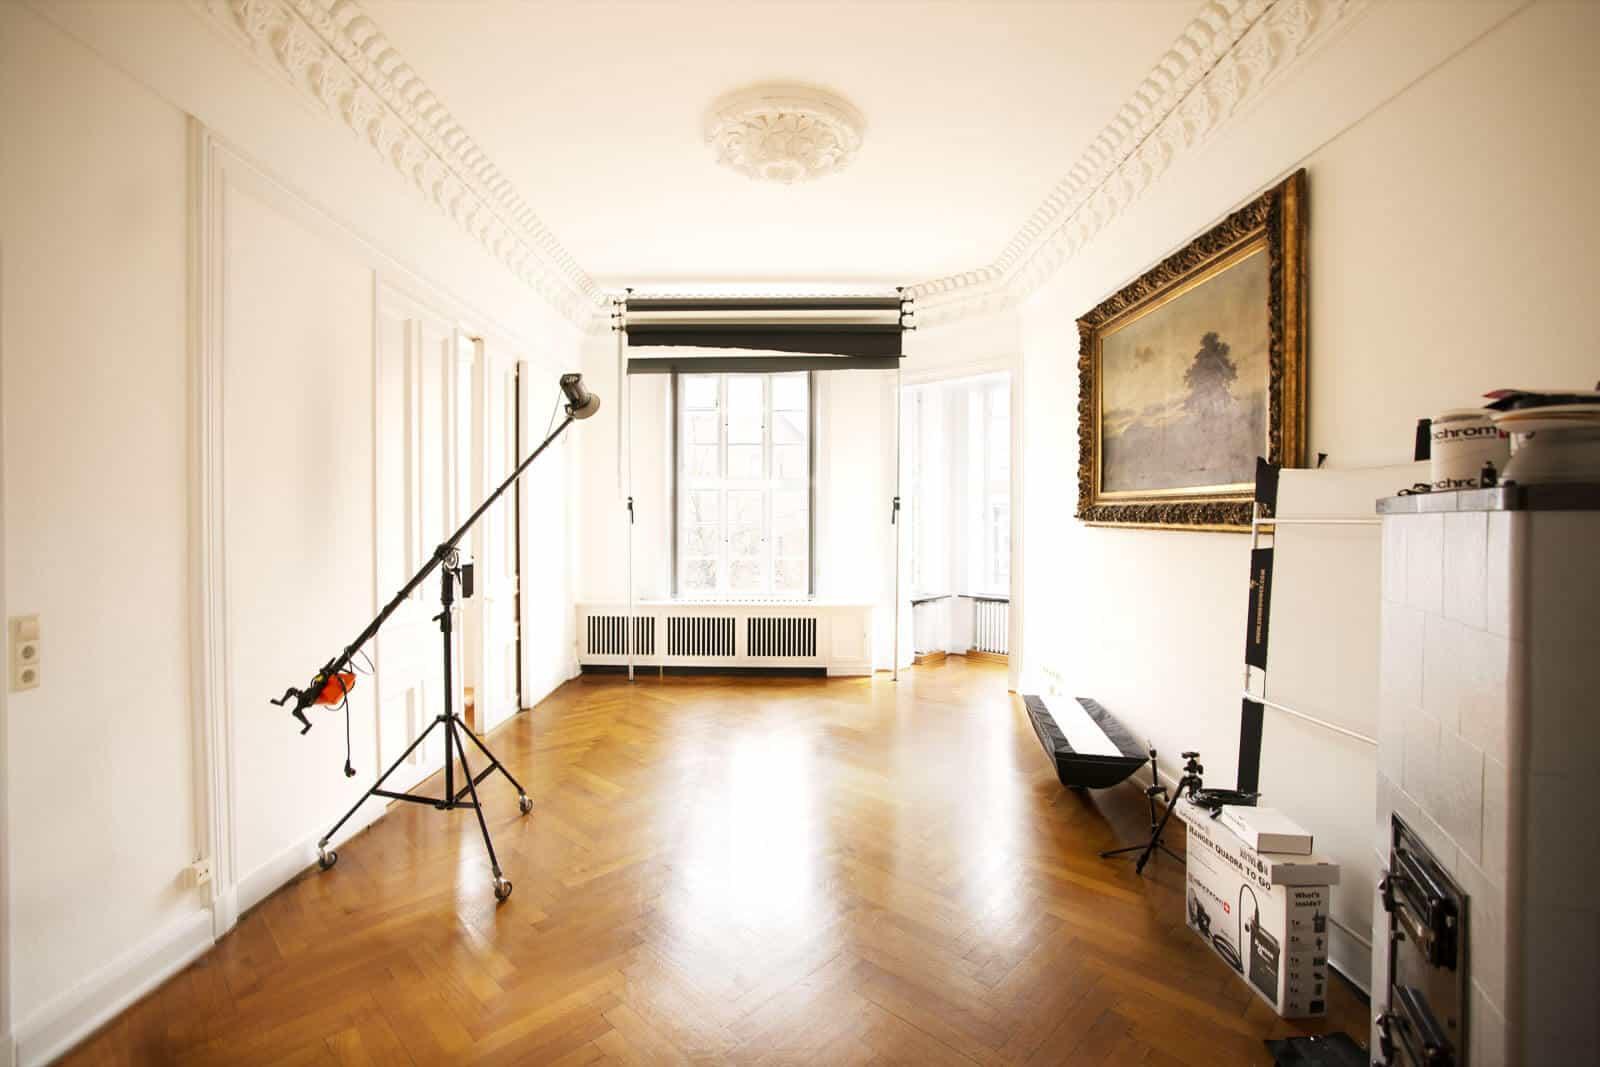 Mietstudio Preise diefotomanufaktur Fotostudio Winsen